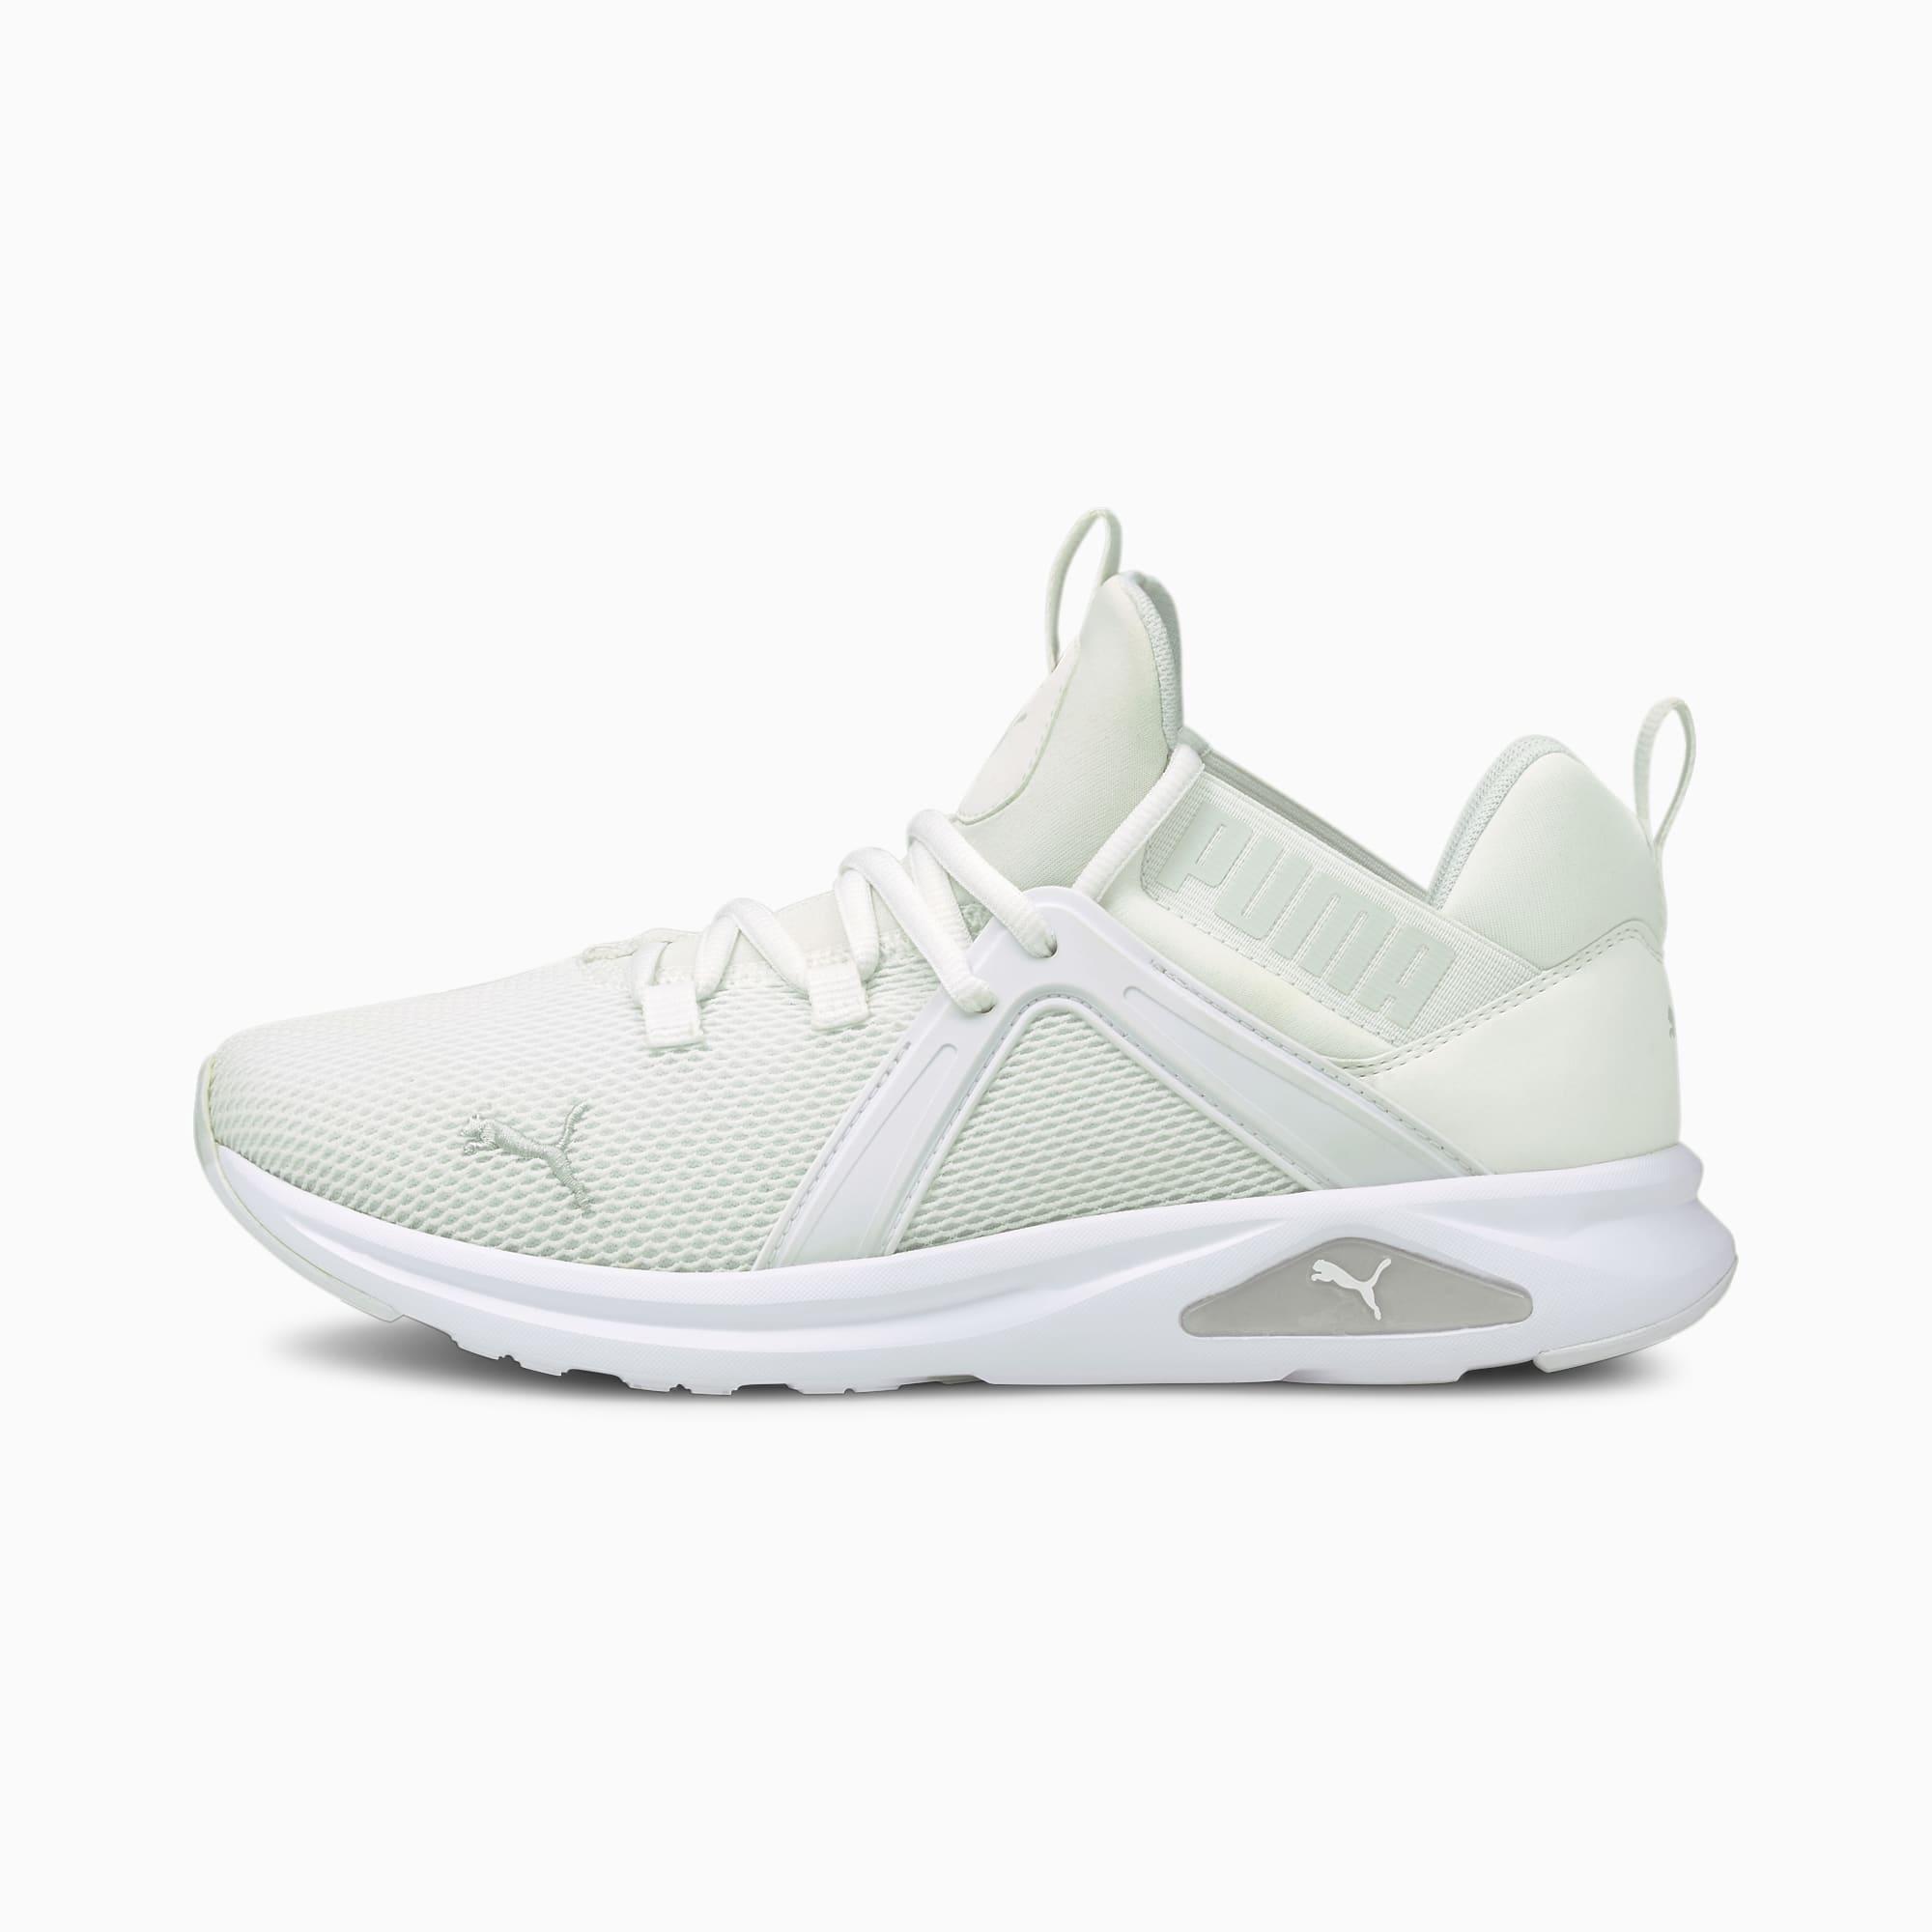 Zapatillas de Running Para Hombre Enzo 2, Blanco/Gris, Talla 48.5 | PUMA Hombres